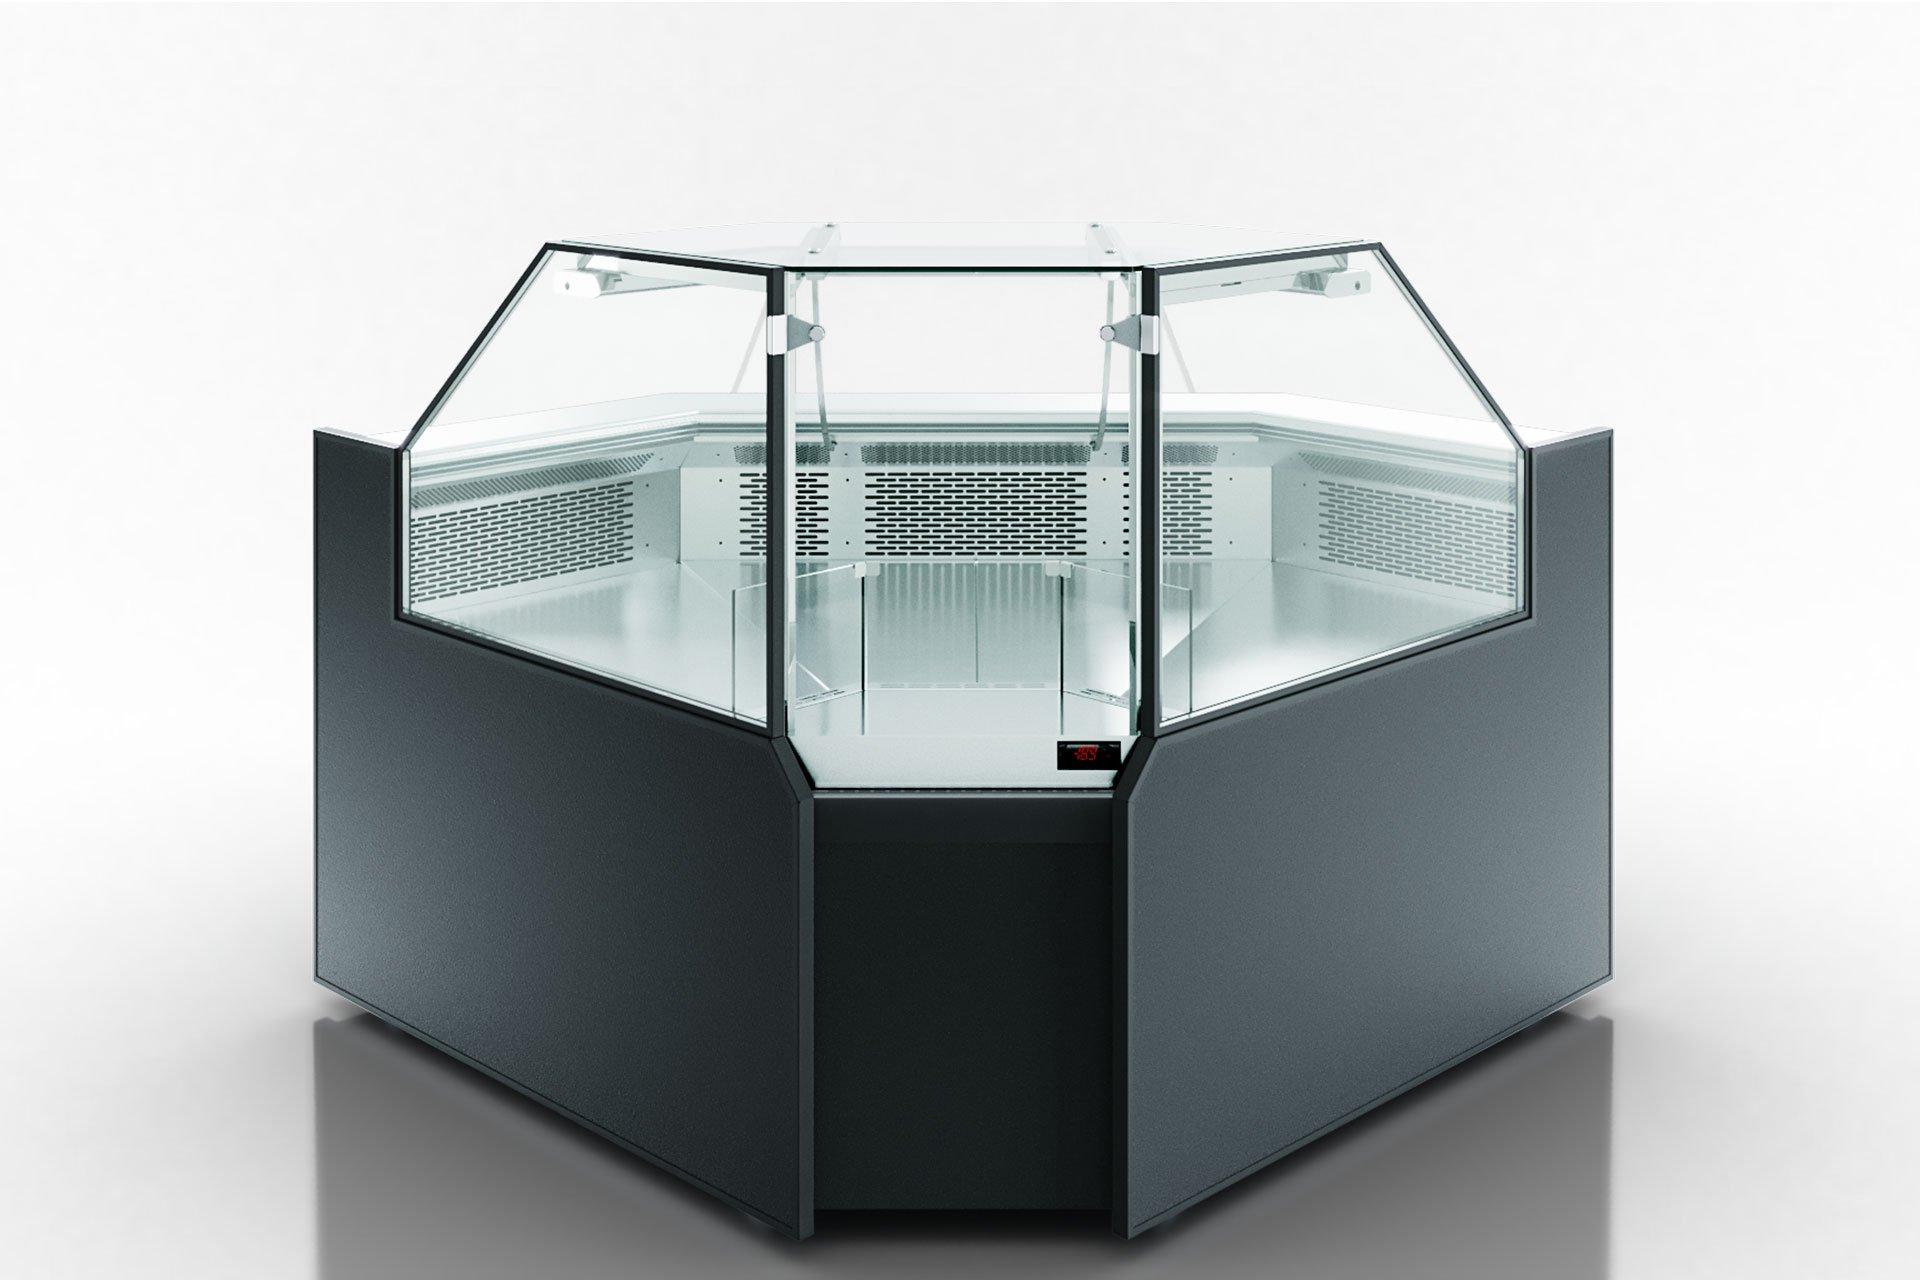 Холодильна вітрина Missouri АC 120 deli PP 130-DBА-IS90